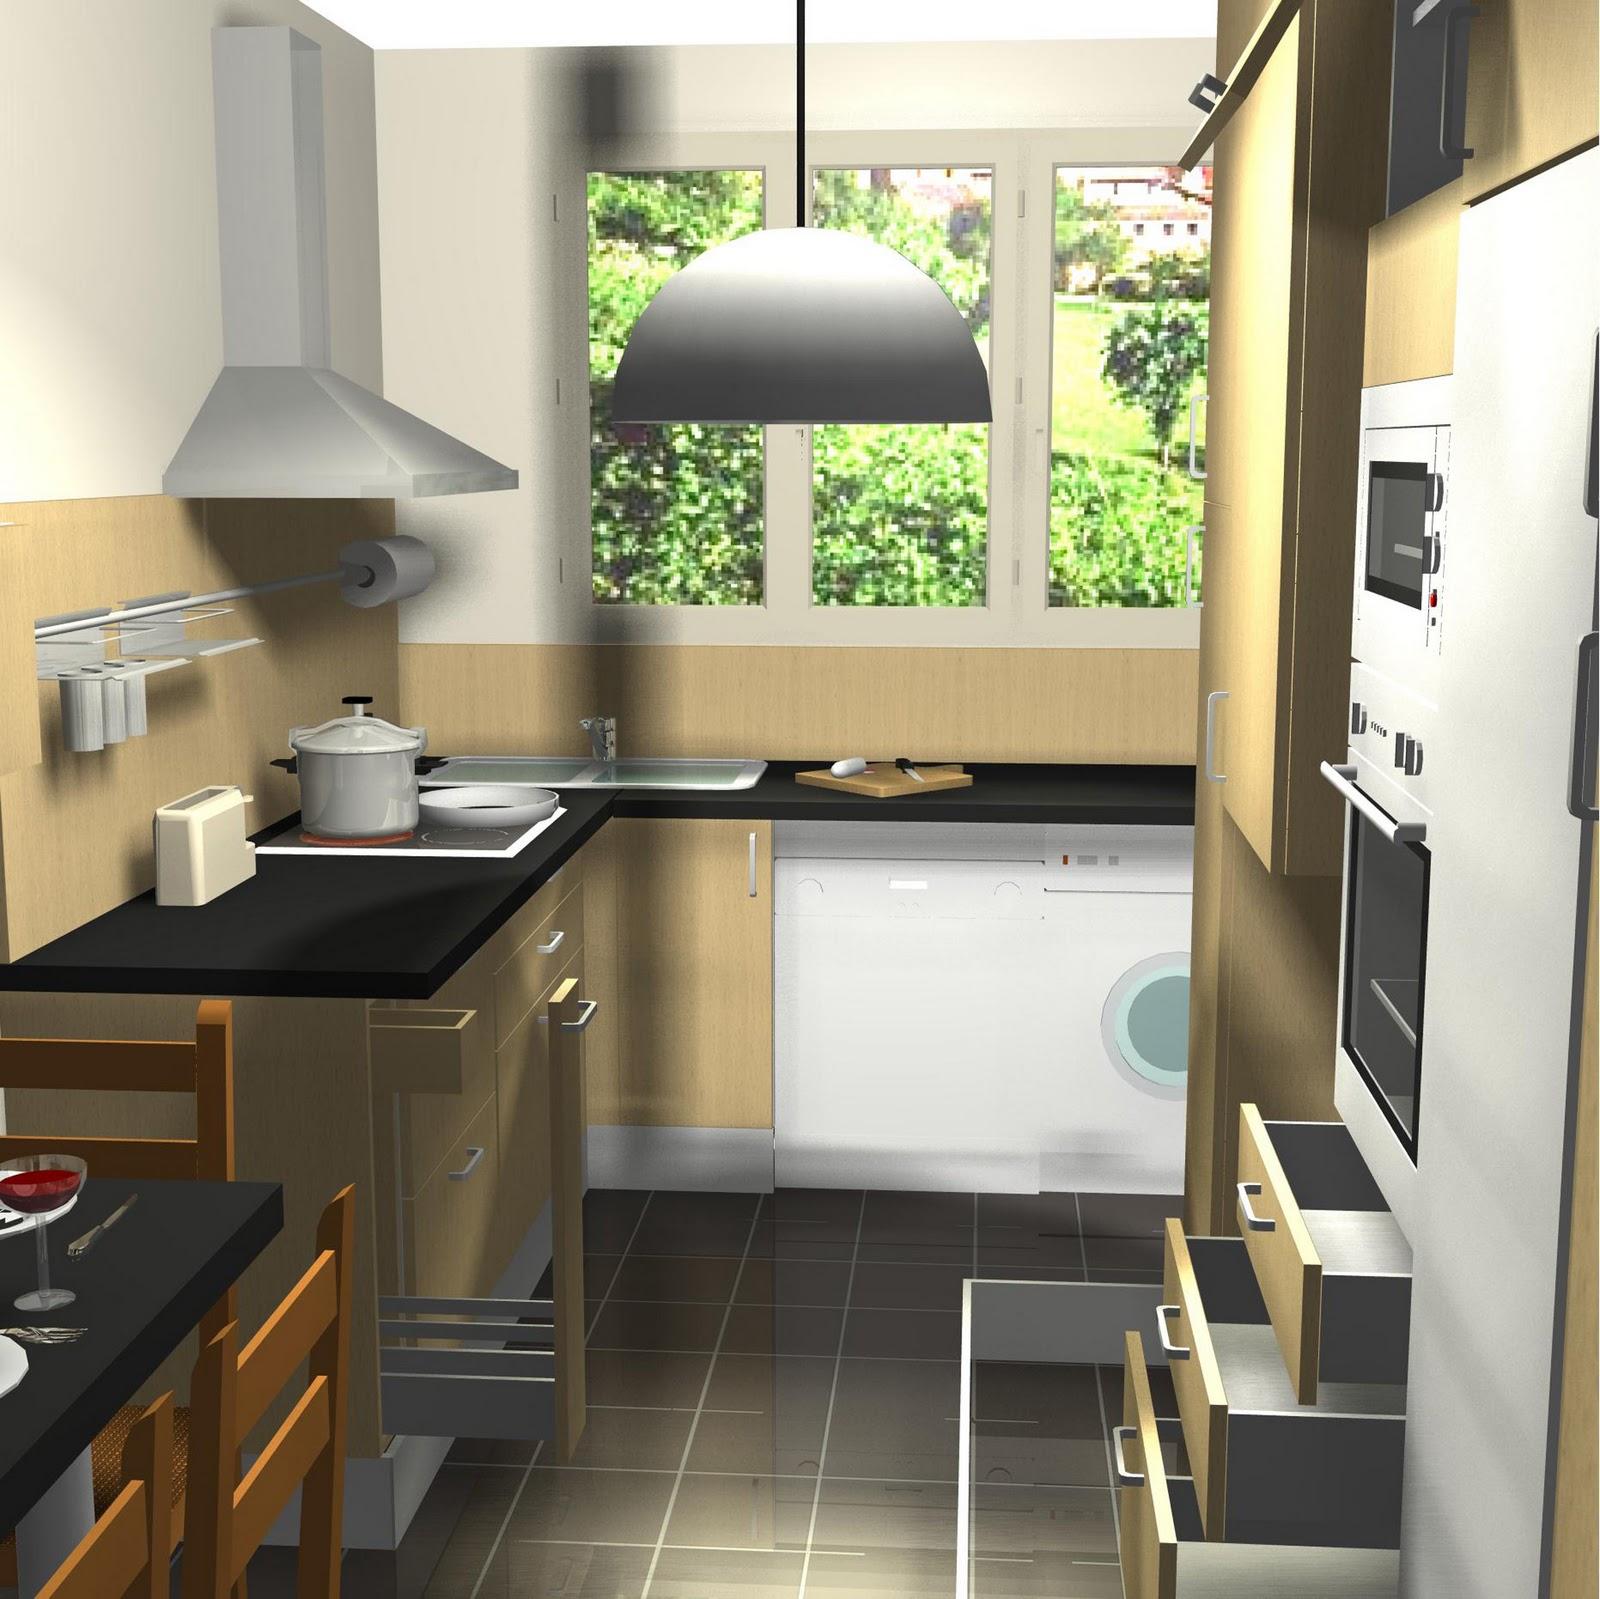 Victor cuisine bain d coration maquette 3d for Maquette cuisine 3d